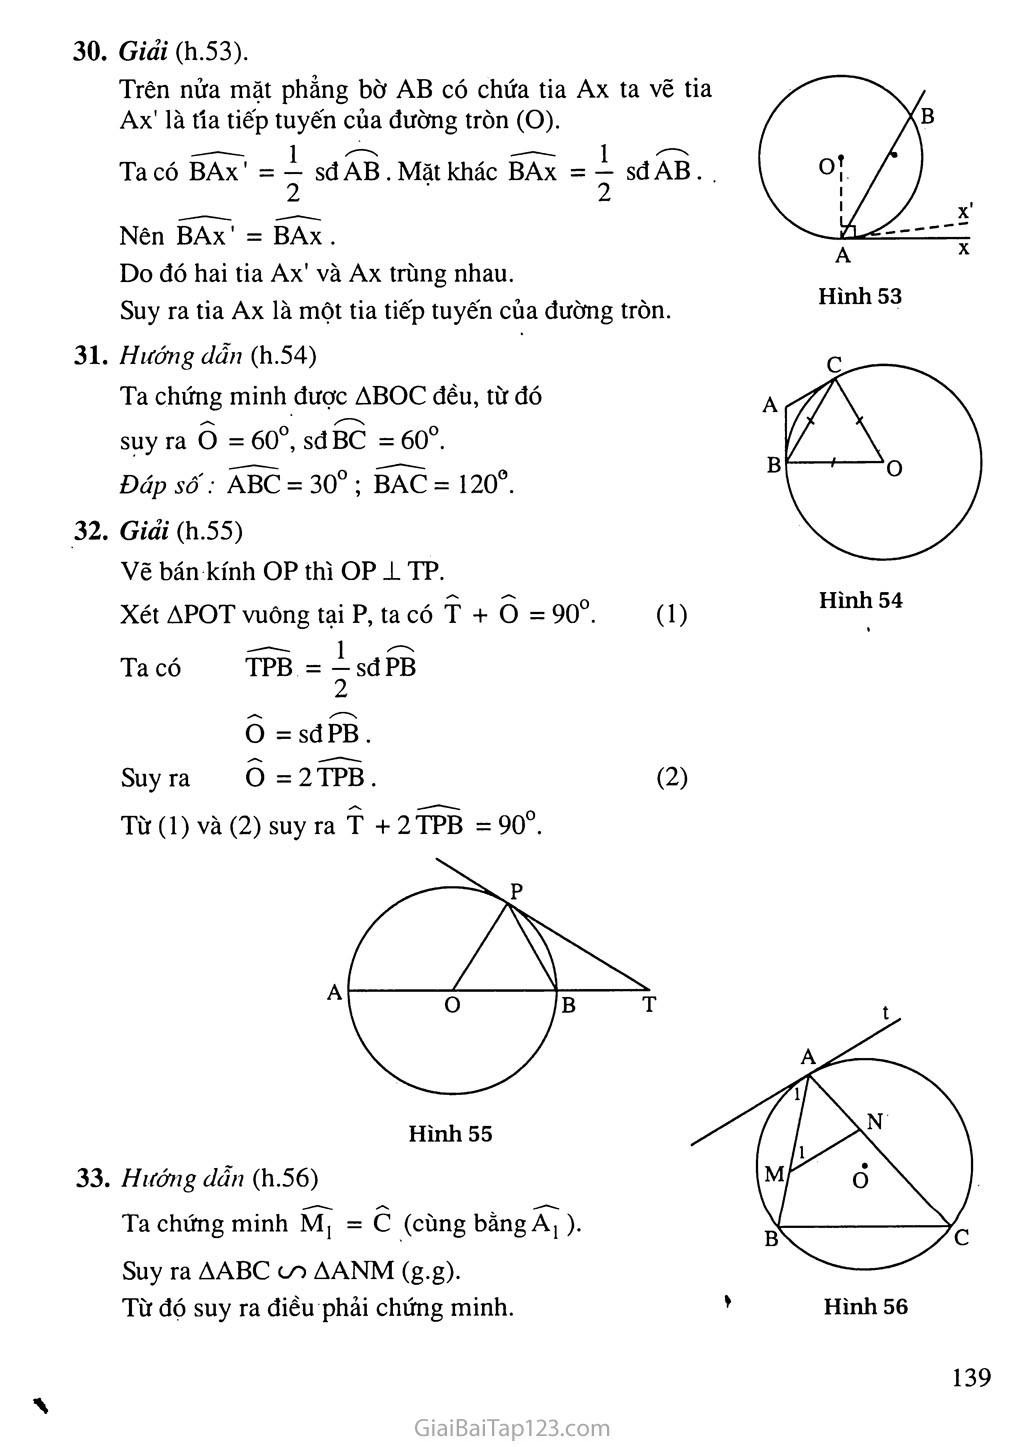 Bài 4. Góc tạo bởi tia tiếp tuyến và dây cung trang 3